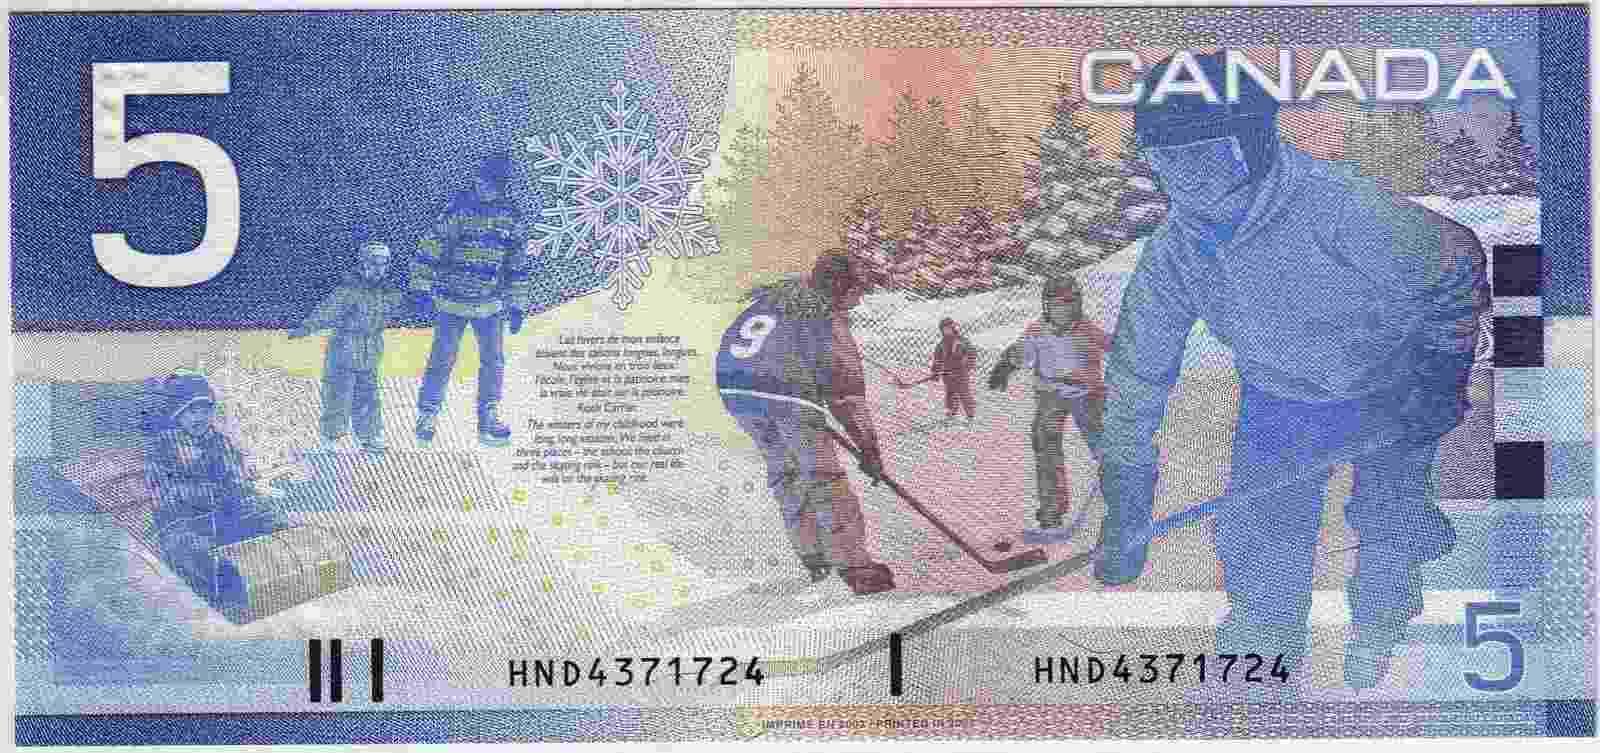 O hóquei é o esporte mais popular no Canadá e aparece na nota de 5 dólares do país norte-americano - Reprodução